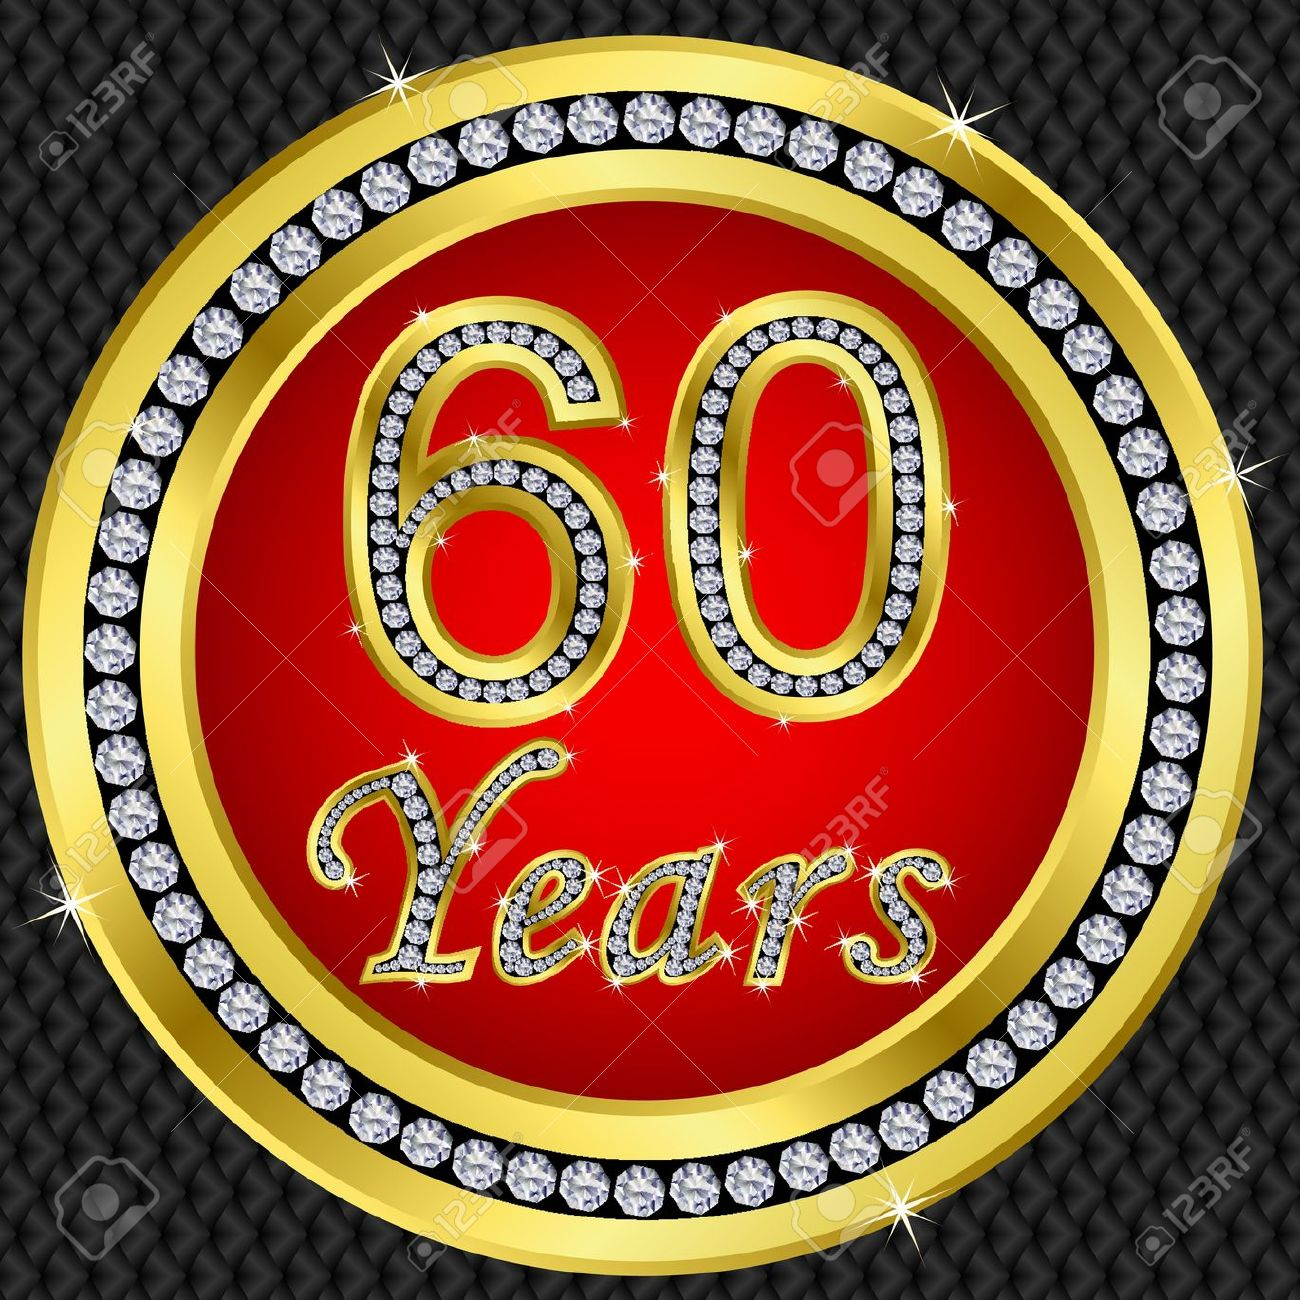 Clipart compleanno 60 anni png download 60 Anni Anniversario Icona Dorata Buon Compleanno Con Diamanti ... png download